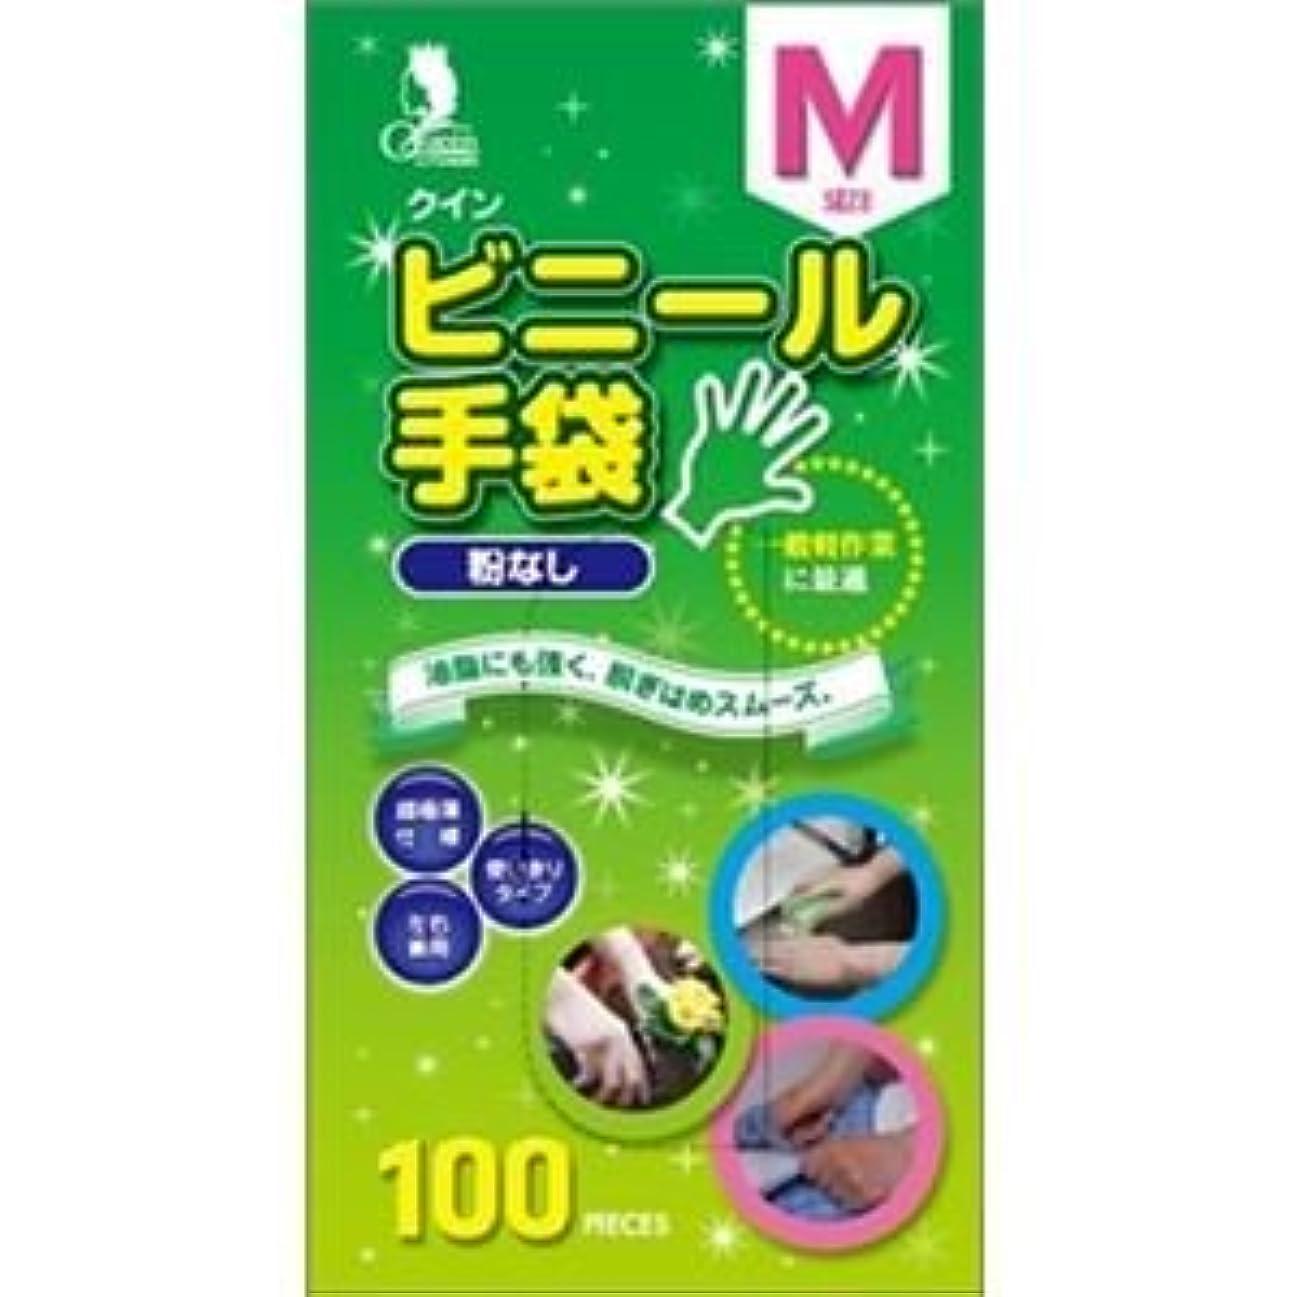 (まとめ)宇都宮製作 クインビニール手袋100枚入 M (N) 【×3点セット】